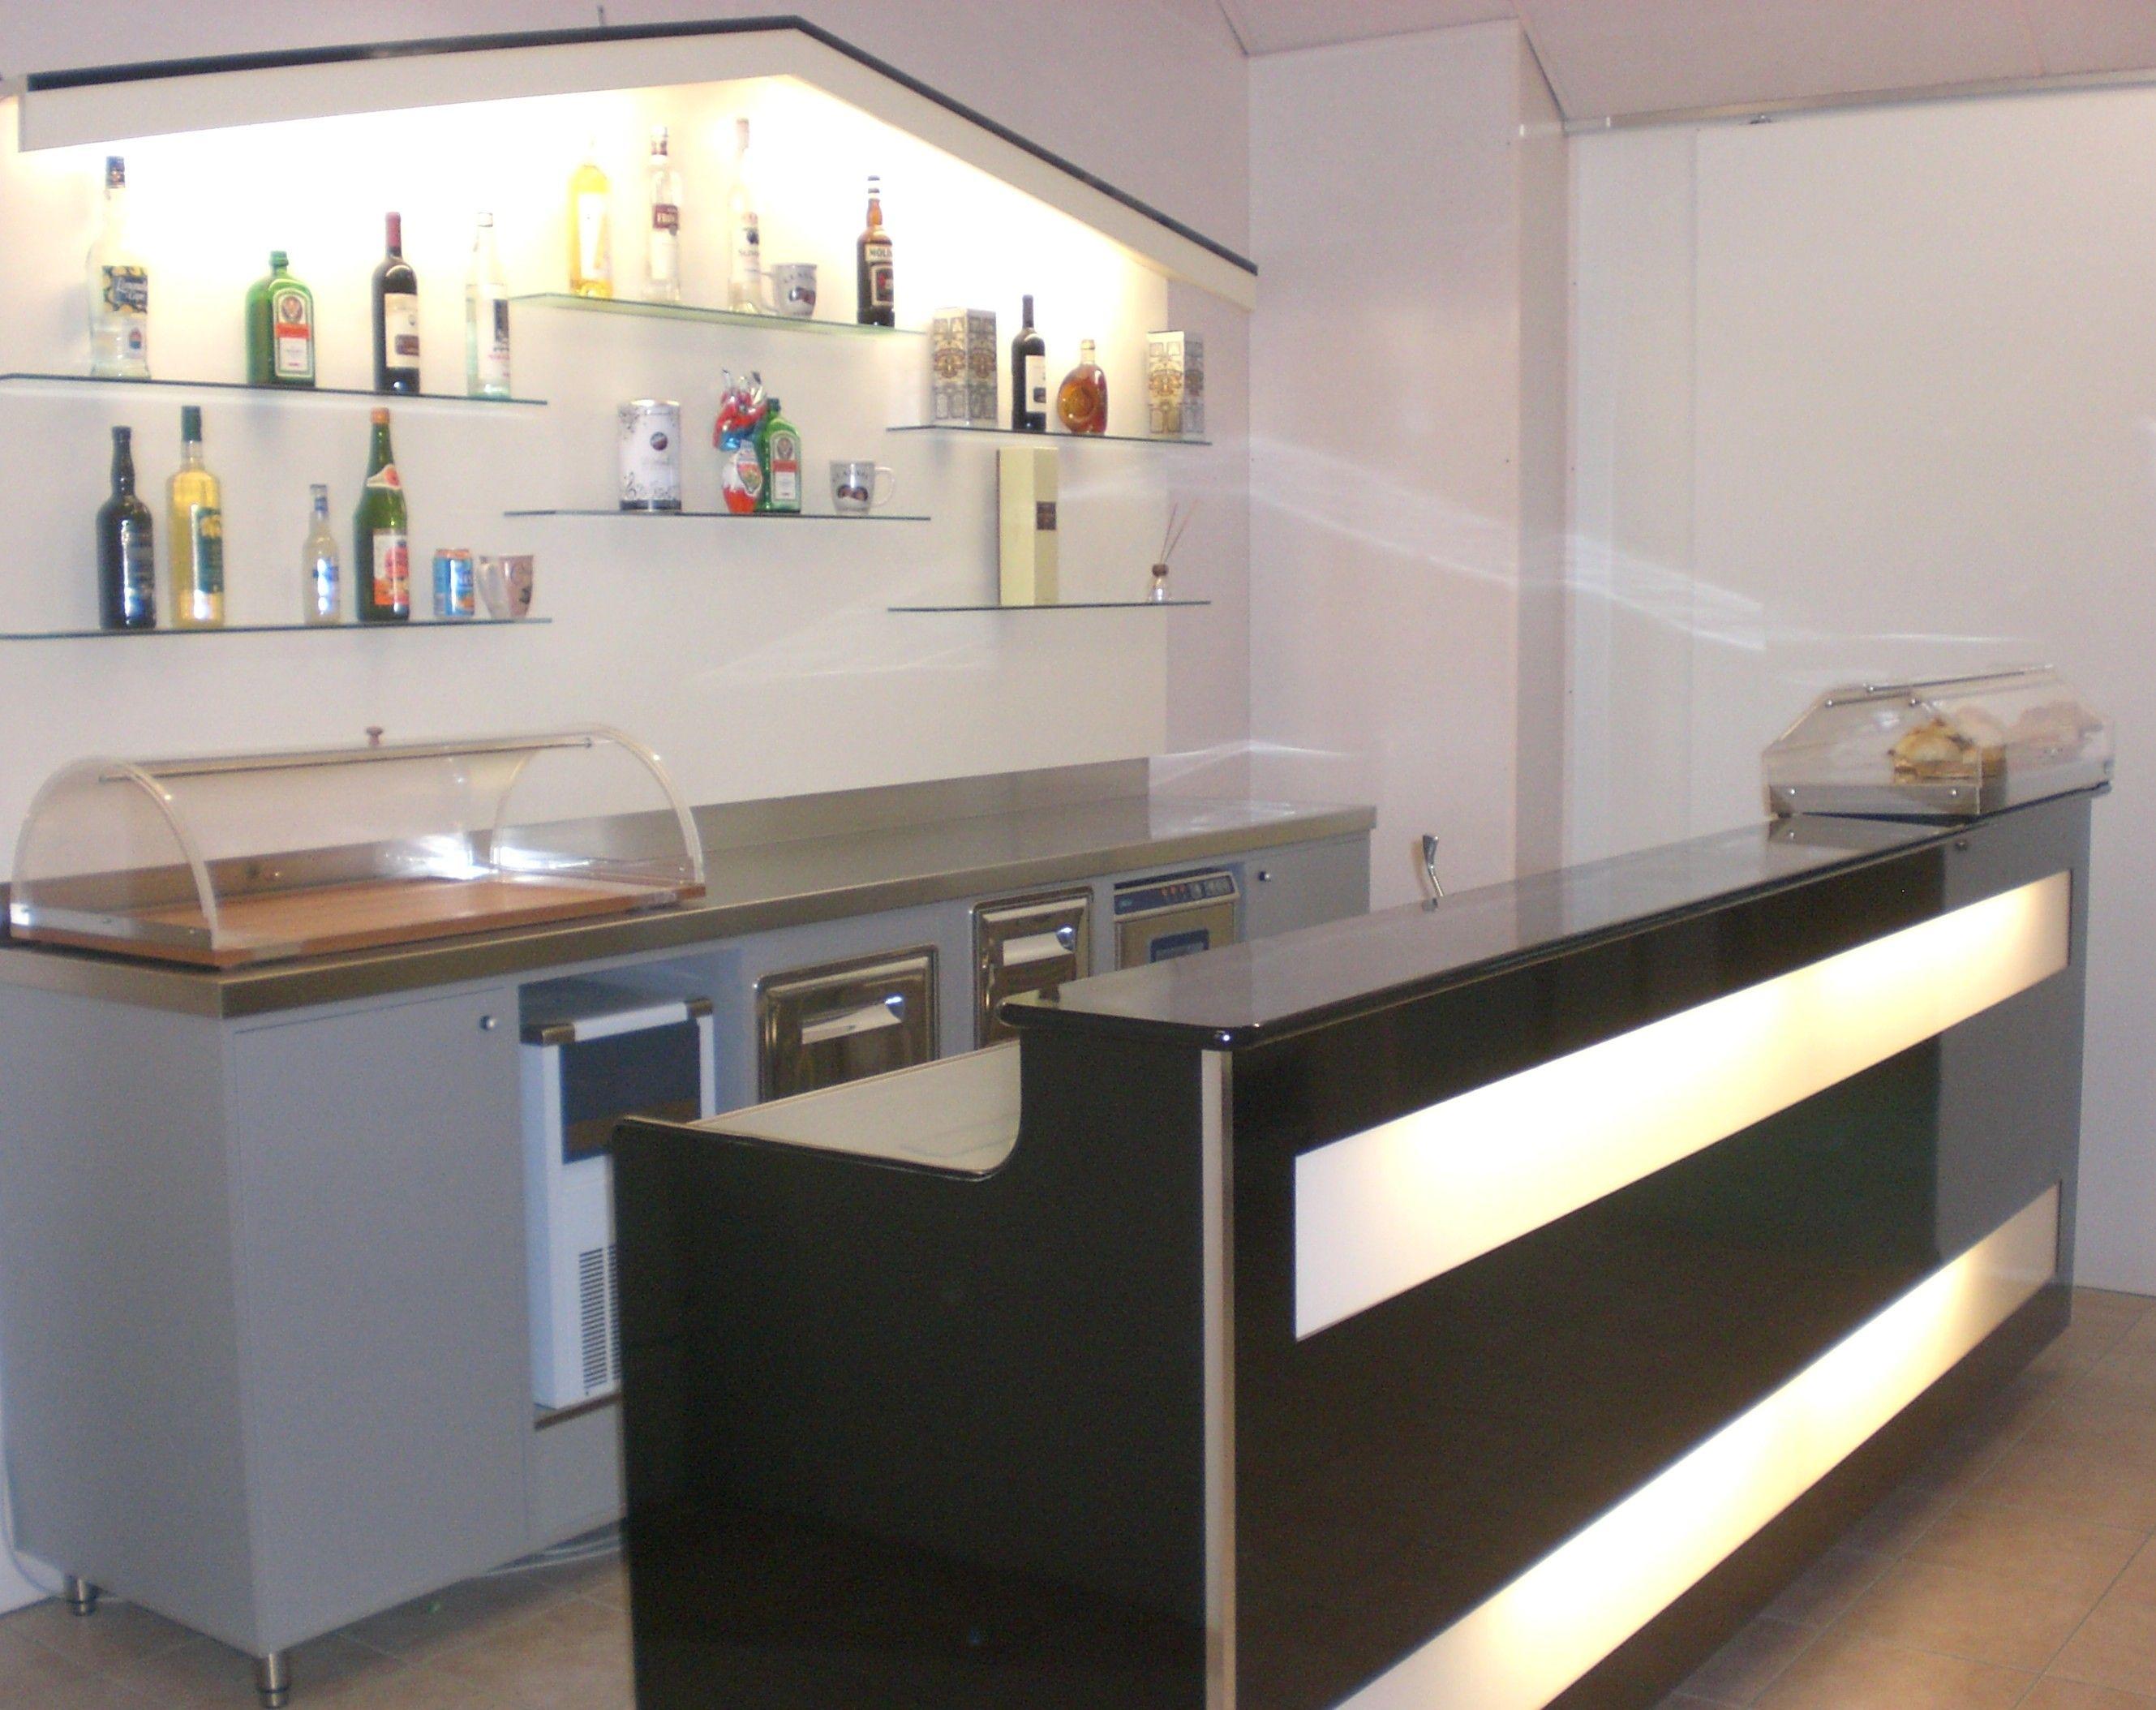 Cucina Con Bancone Bar.Disegno Bancone Bar Cerca Con Google Bancone Bar E Disegni